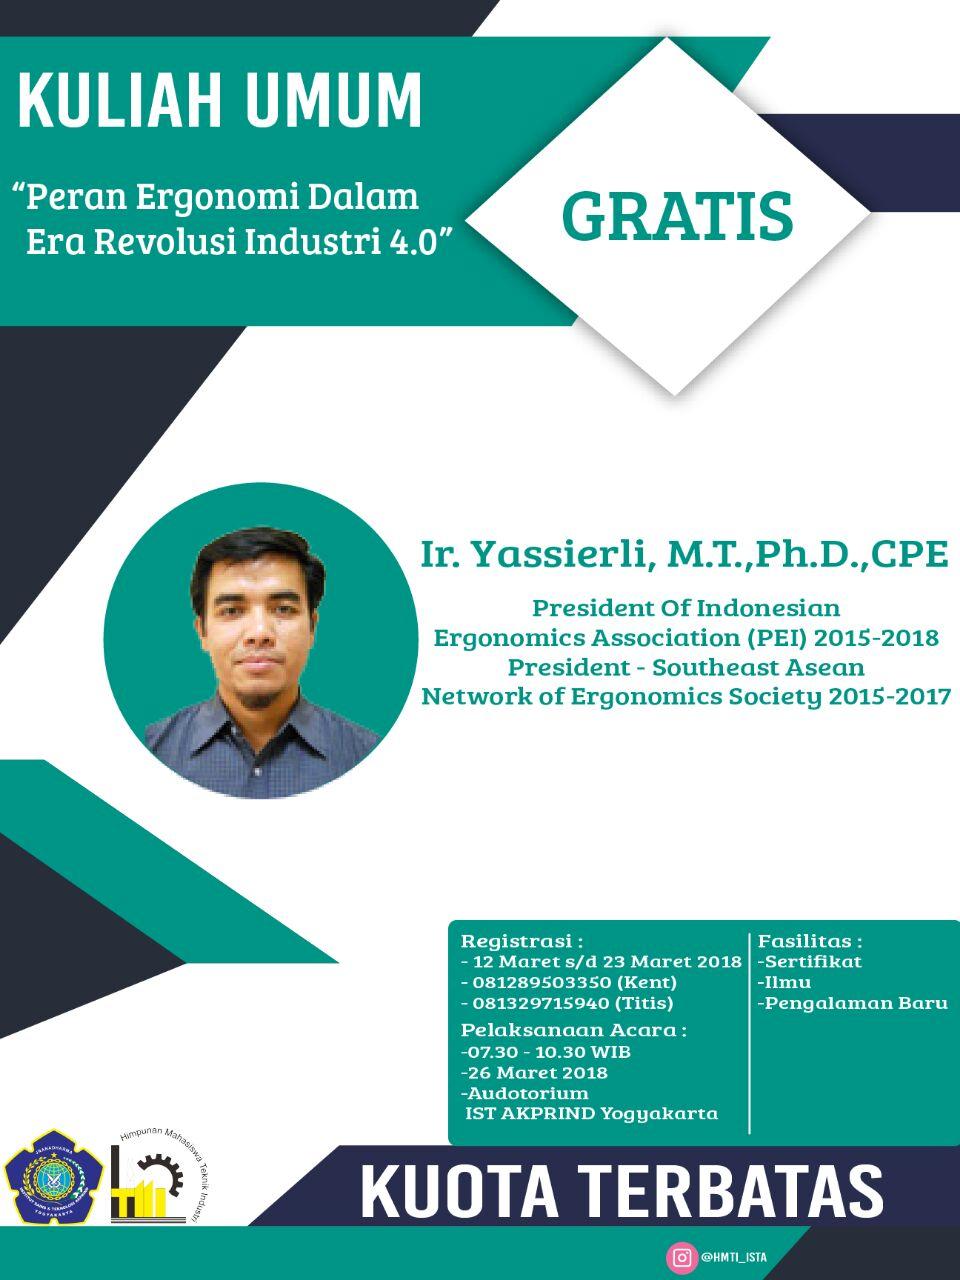 Hadirilah Kuliah Umum Ergonomi Bersama President of Indonesian Ergonomics Association!